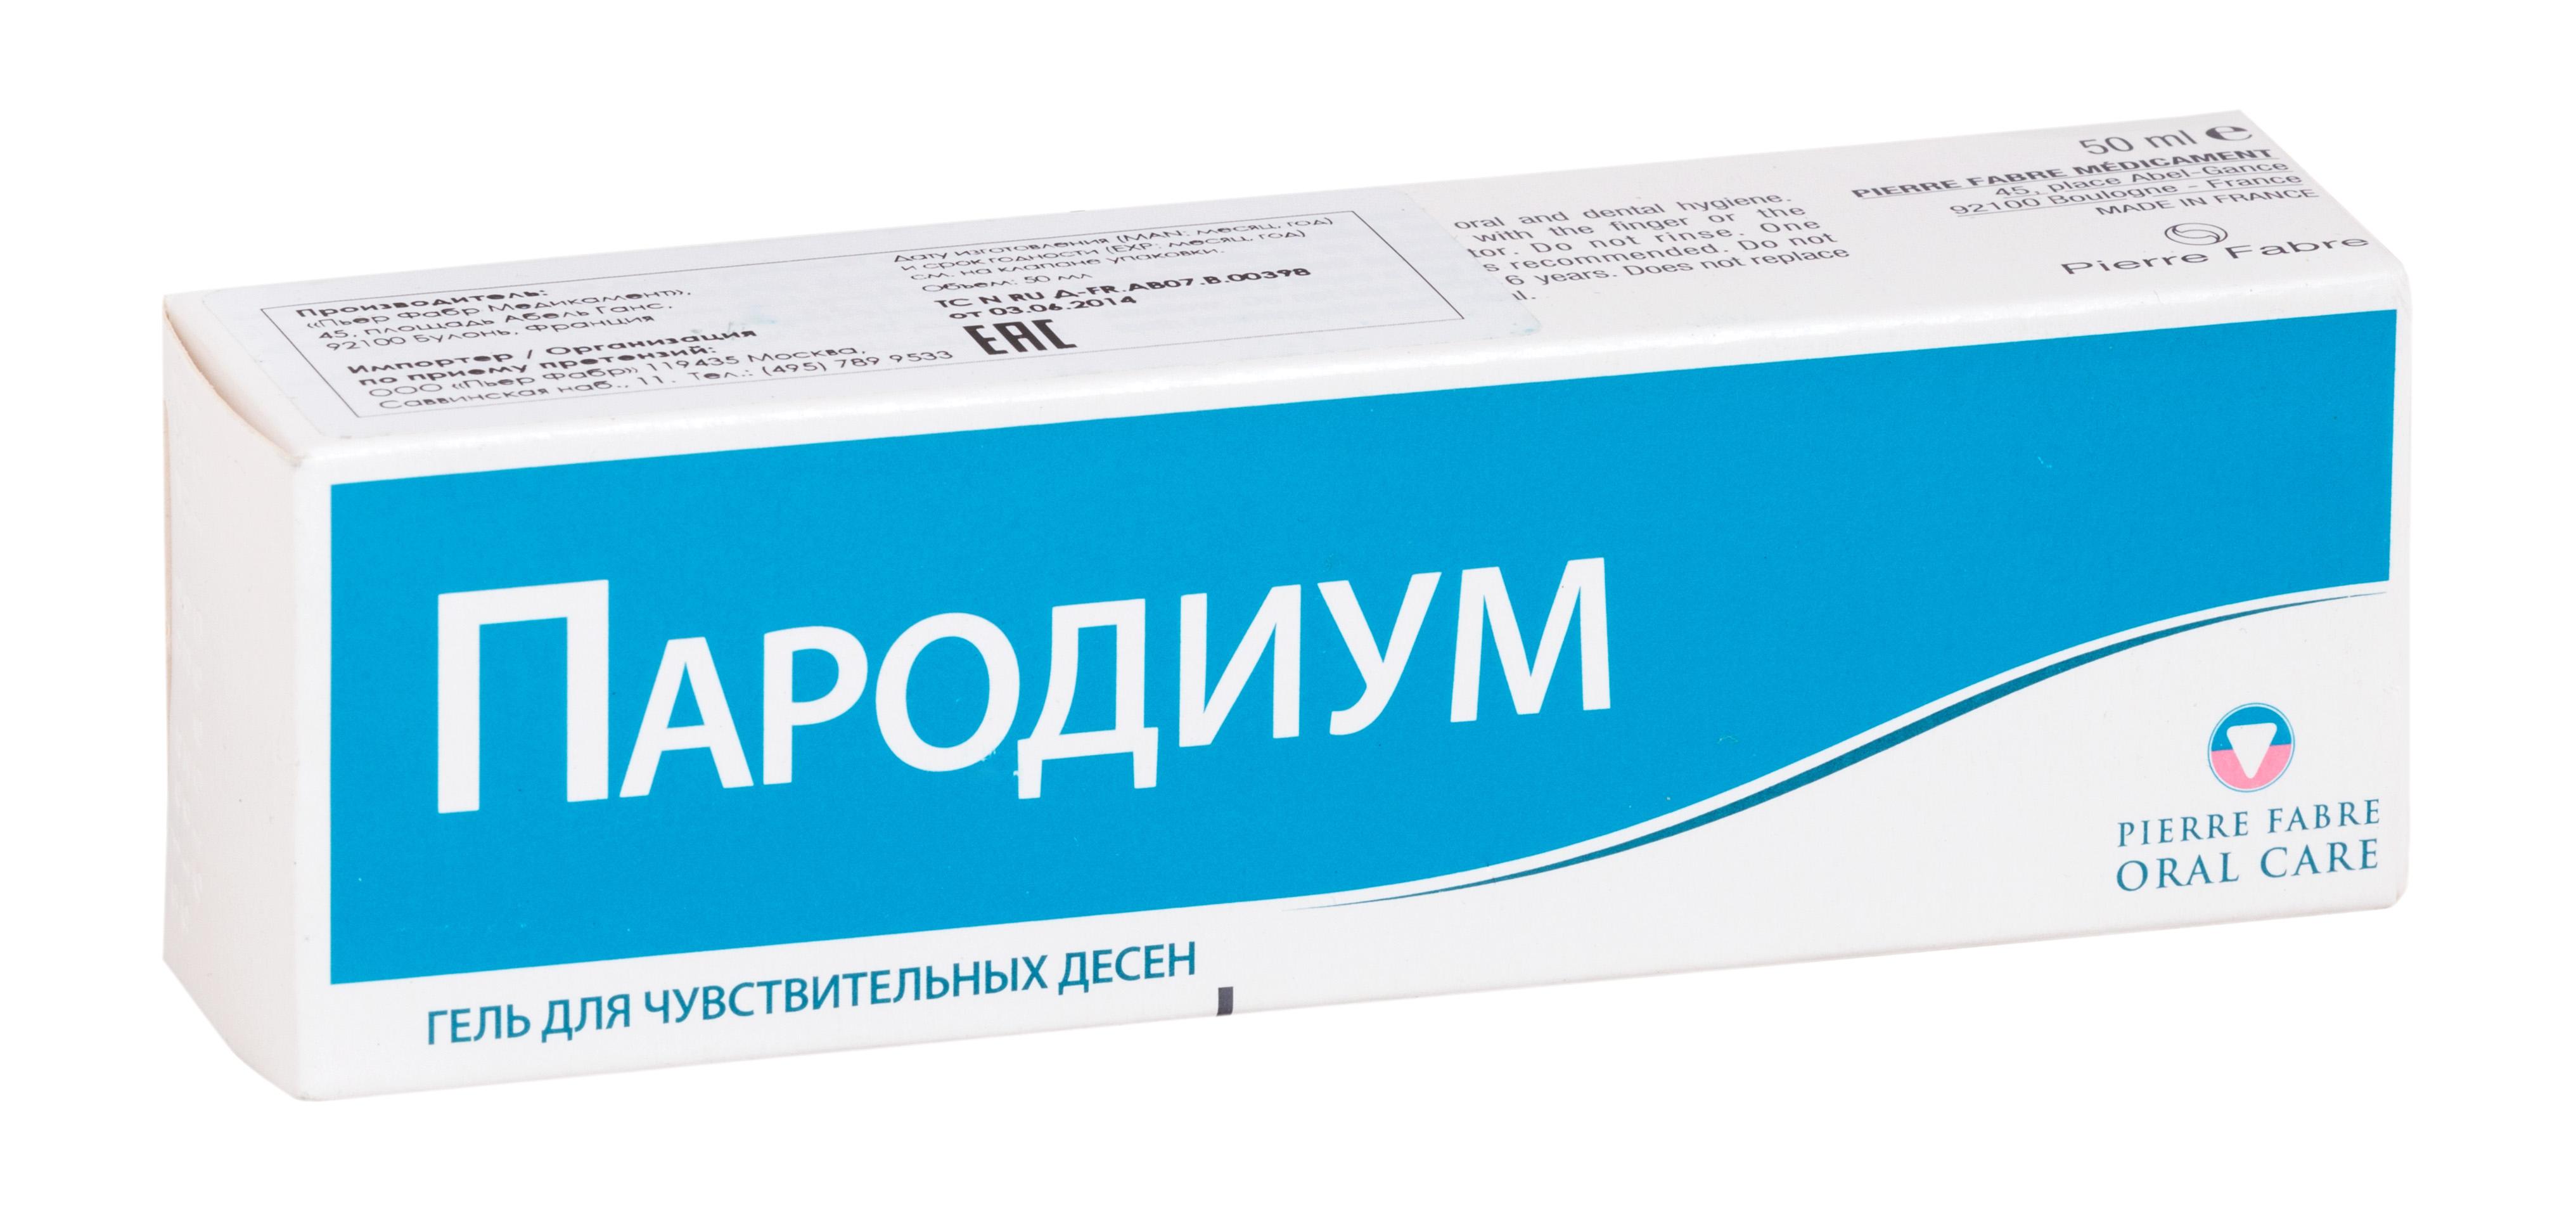 Пародиум гель д/чувствительных десен туба 50мл